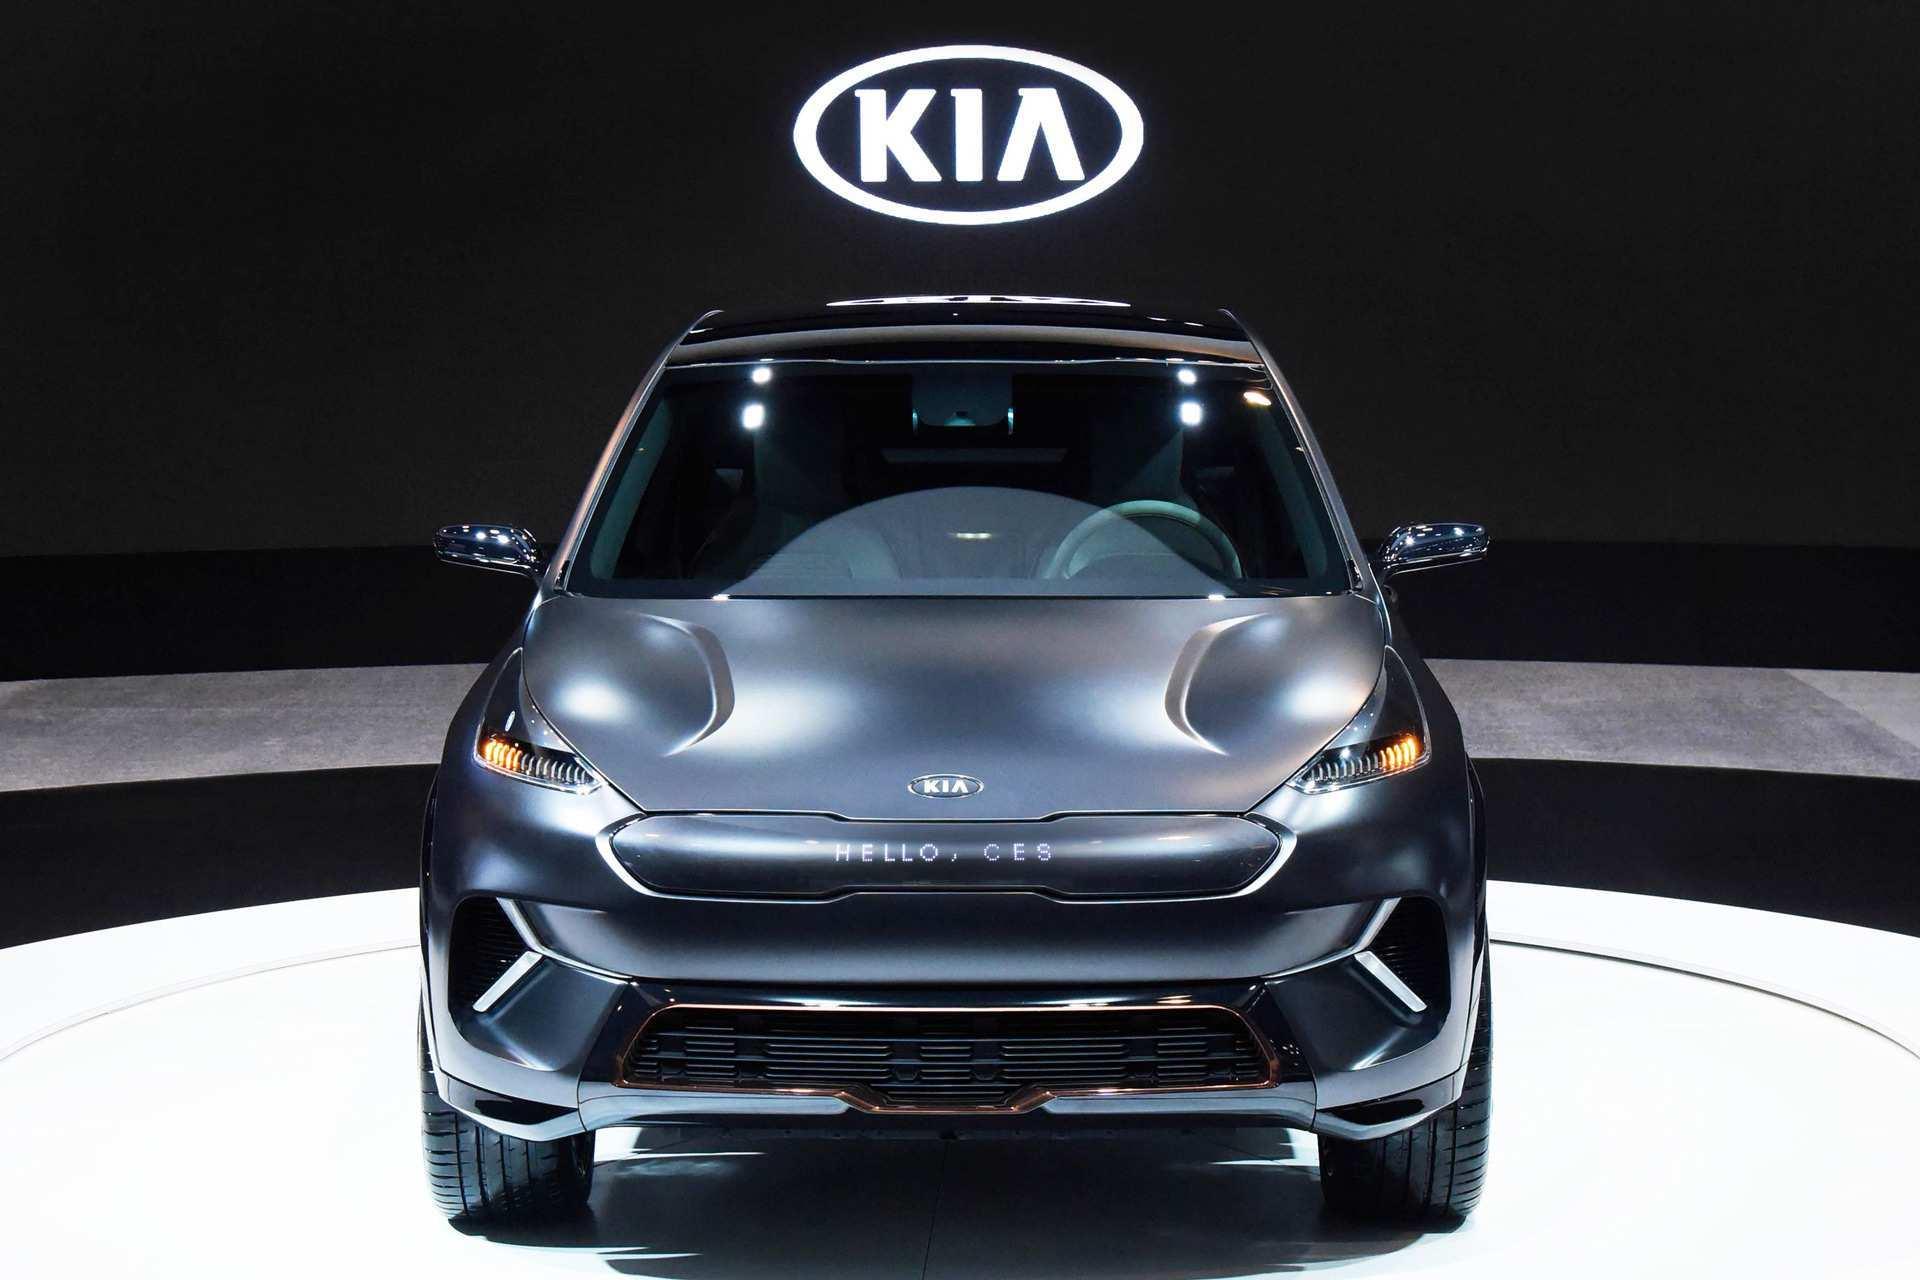 54 Concept of Kia Niro Ev 2020 Rumors for Kia Niro Ev 2020